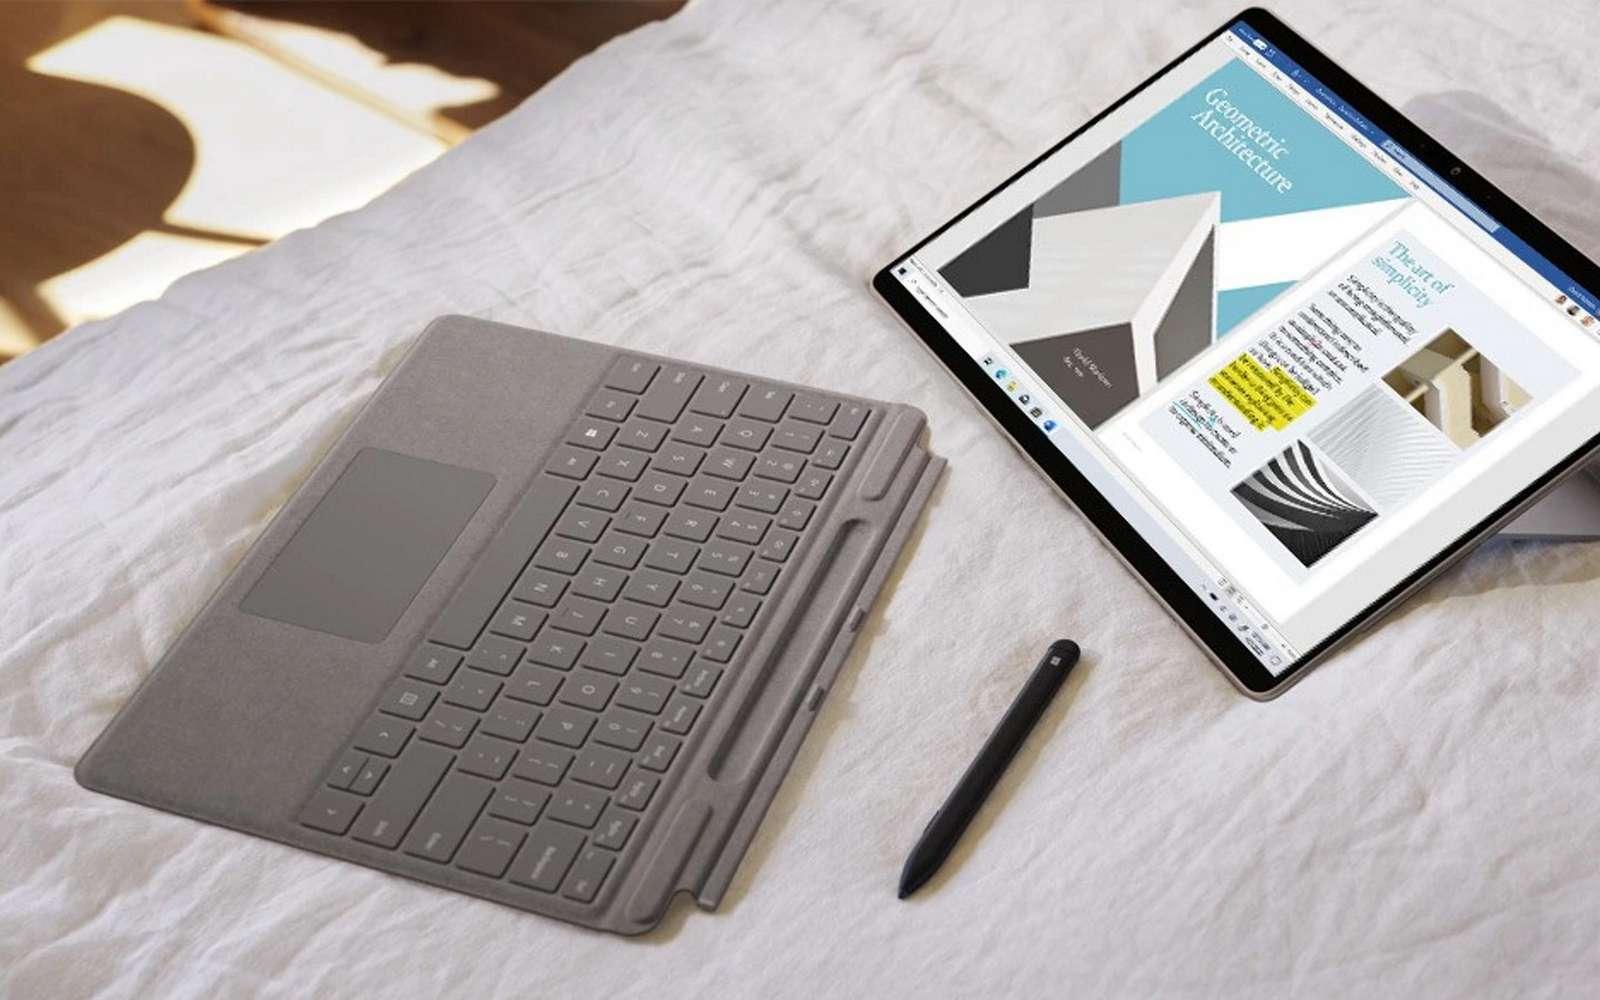 Grâce à un nouvel émulateur, les applications x64 fonctionnent sur un PC avec un processeur ARM. © Microsoft